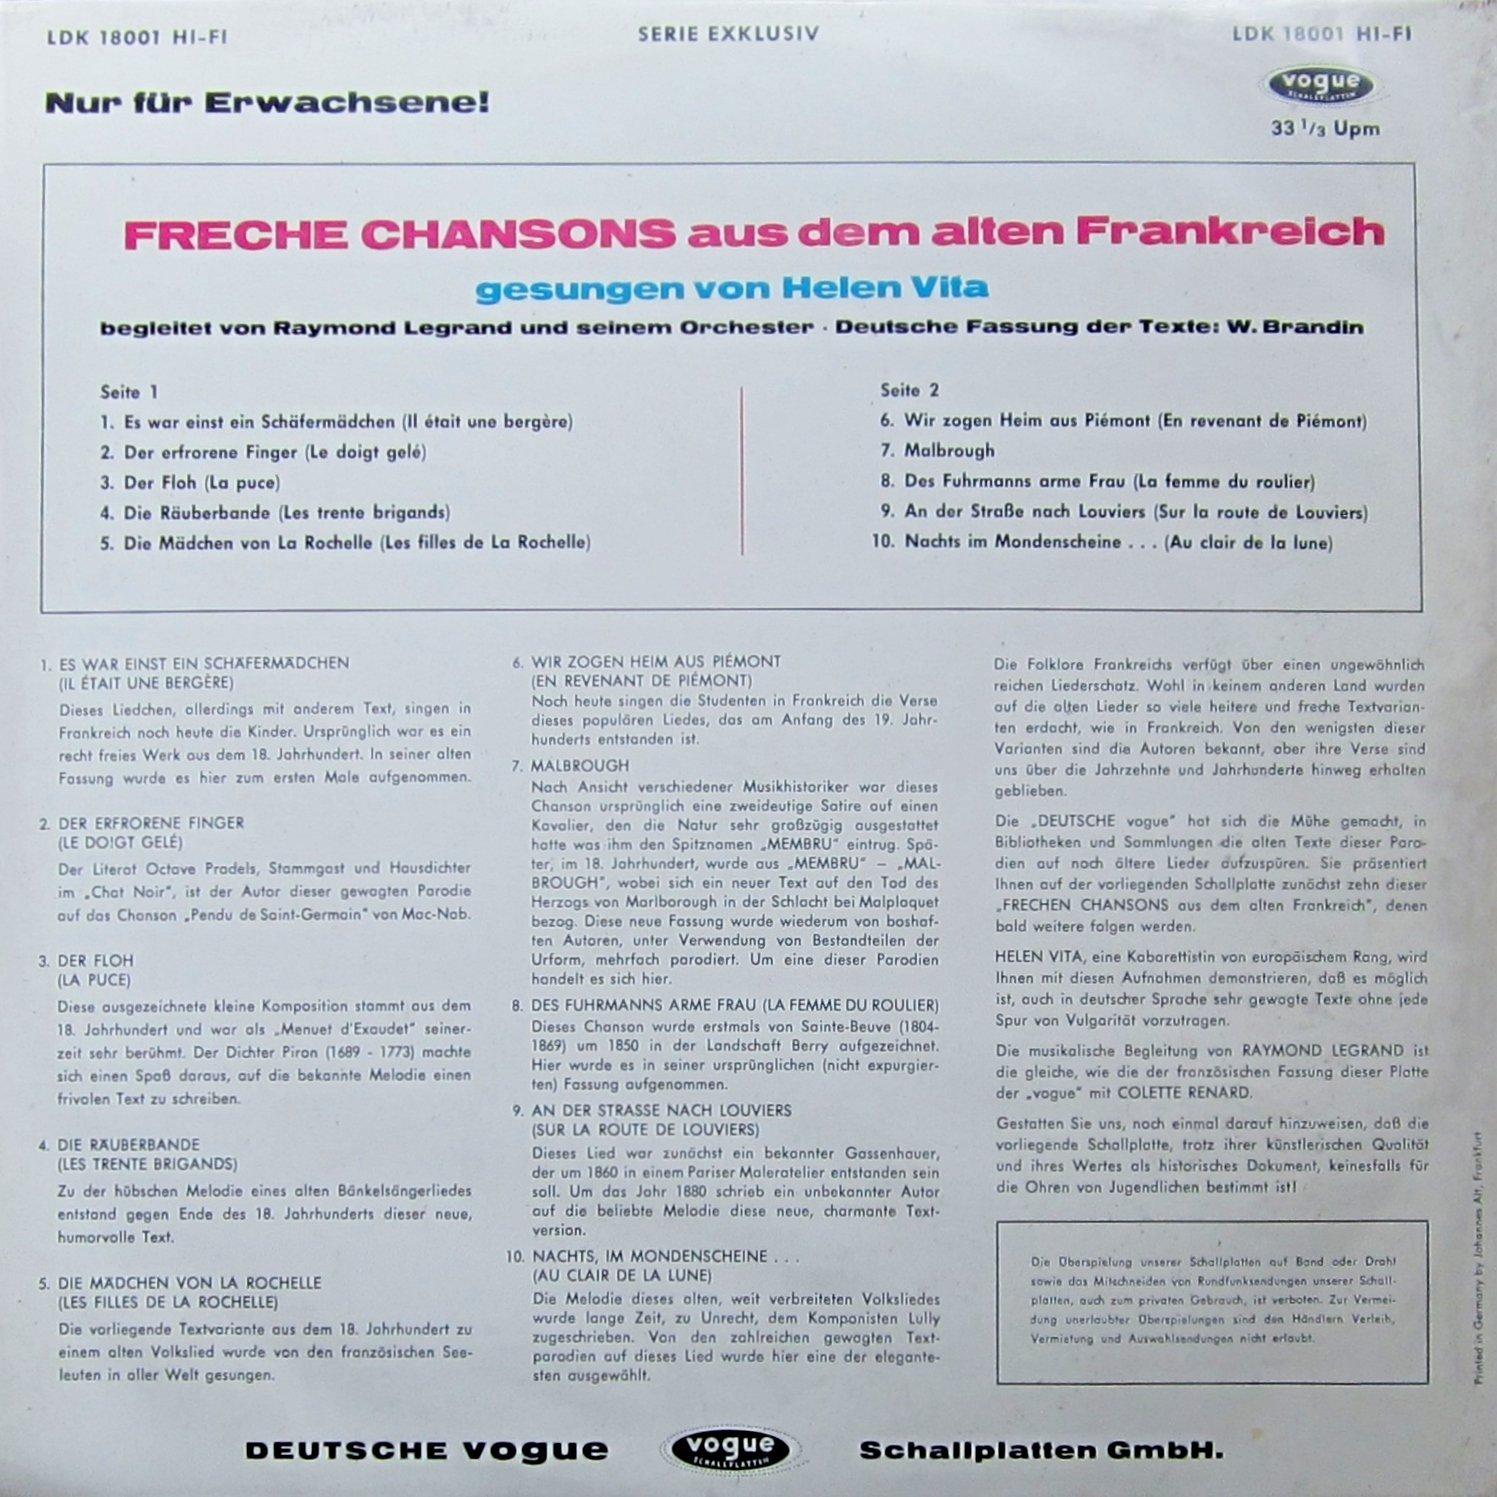 Freche Chansons Aus Dem Alten Frankreich Vinyl Record Vinyl Lp